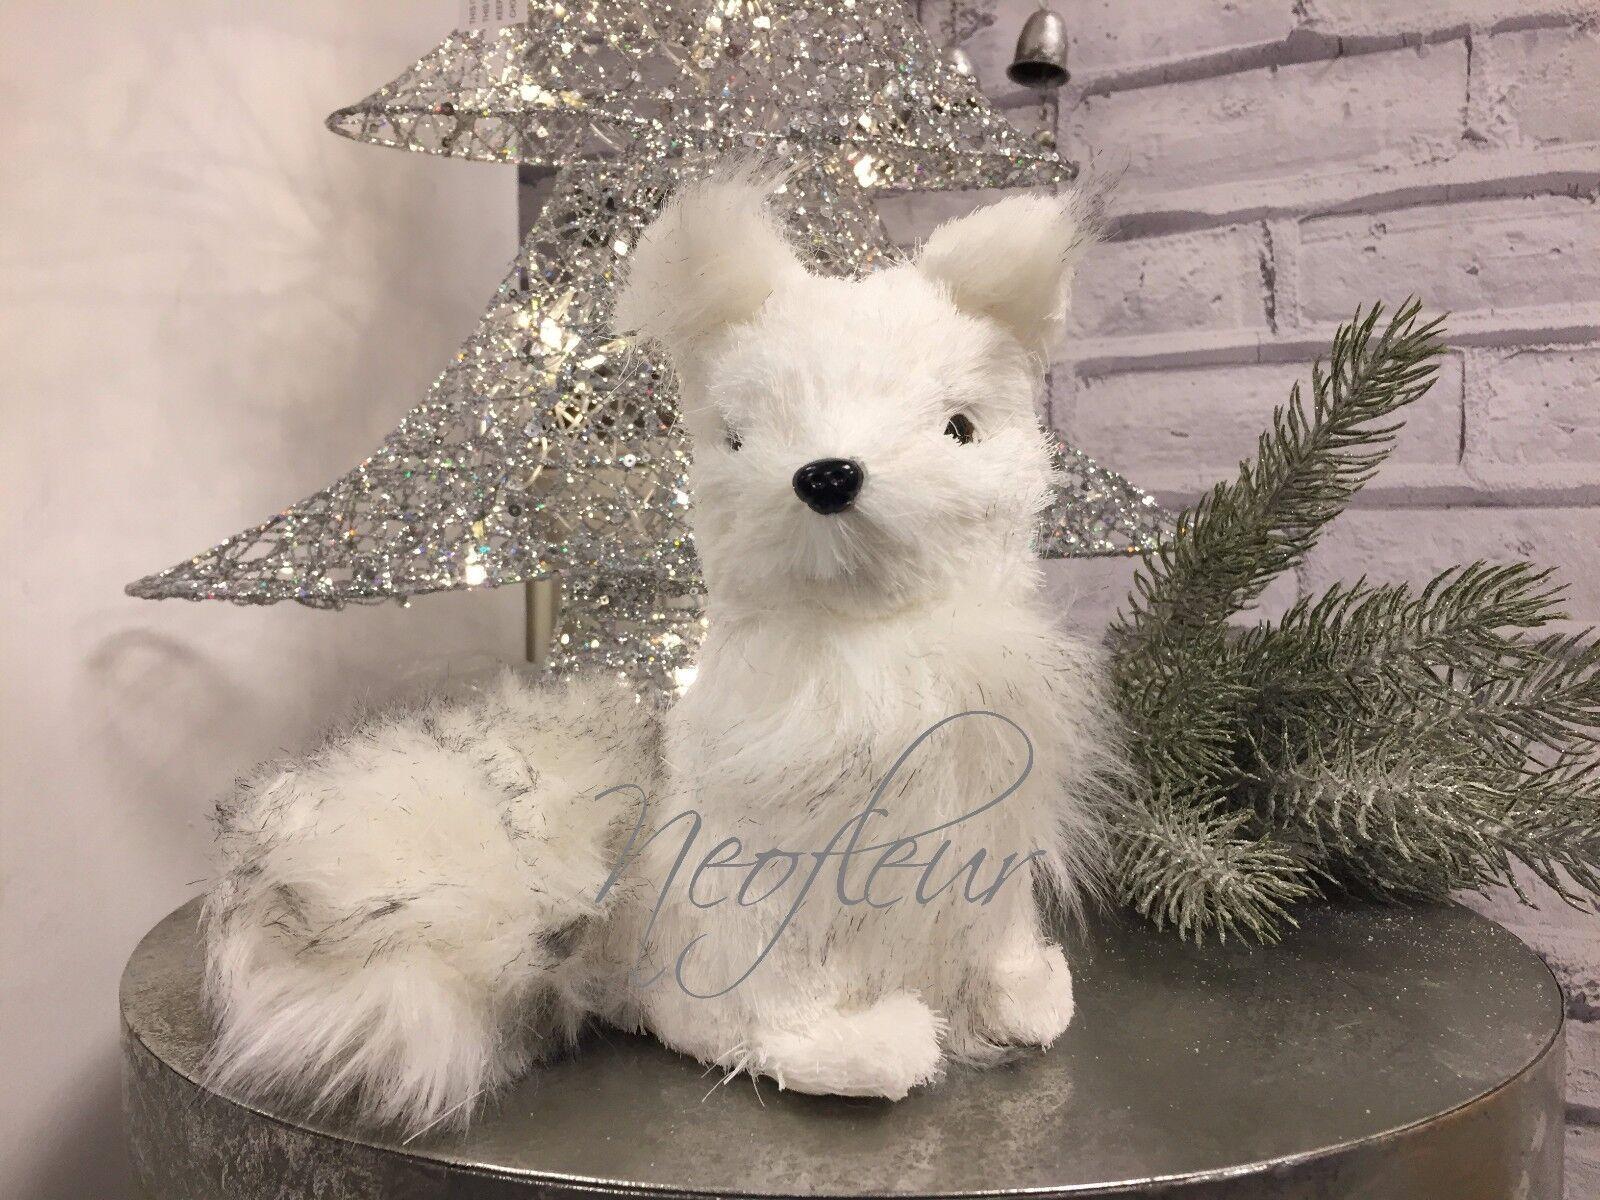 GRANDE Orso Polare FAMIGLIA. CORPORATE CORPORATE CORPORATE vendita al dettaglio display Natale Grossoto, Penguin 7ac45c